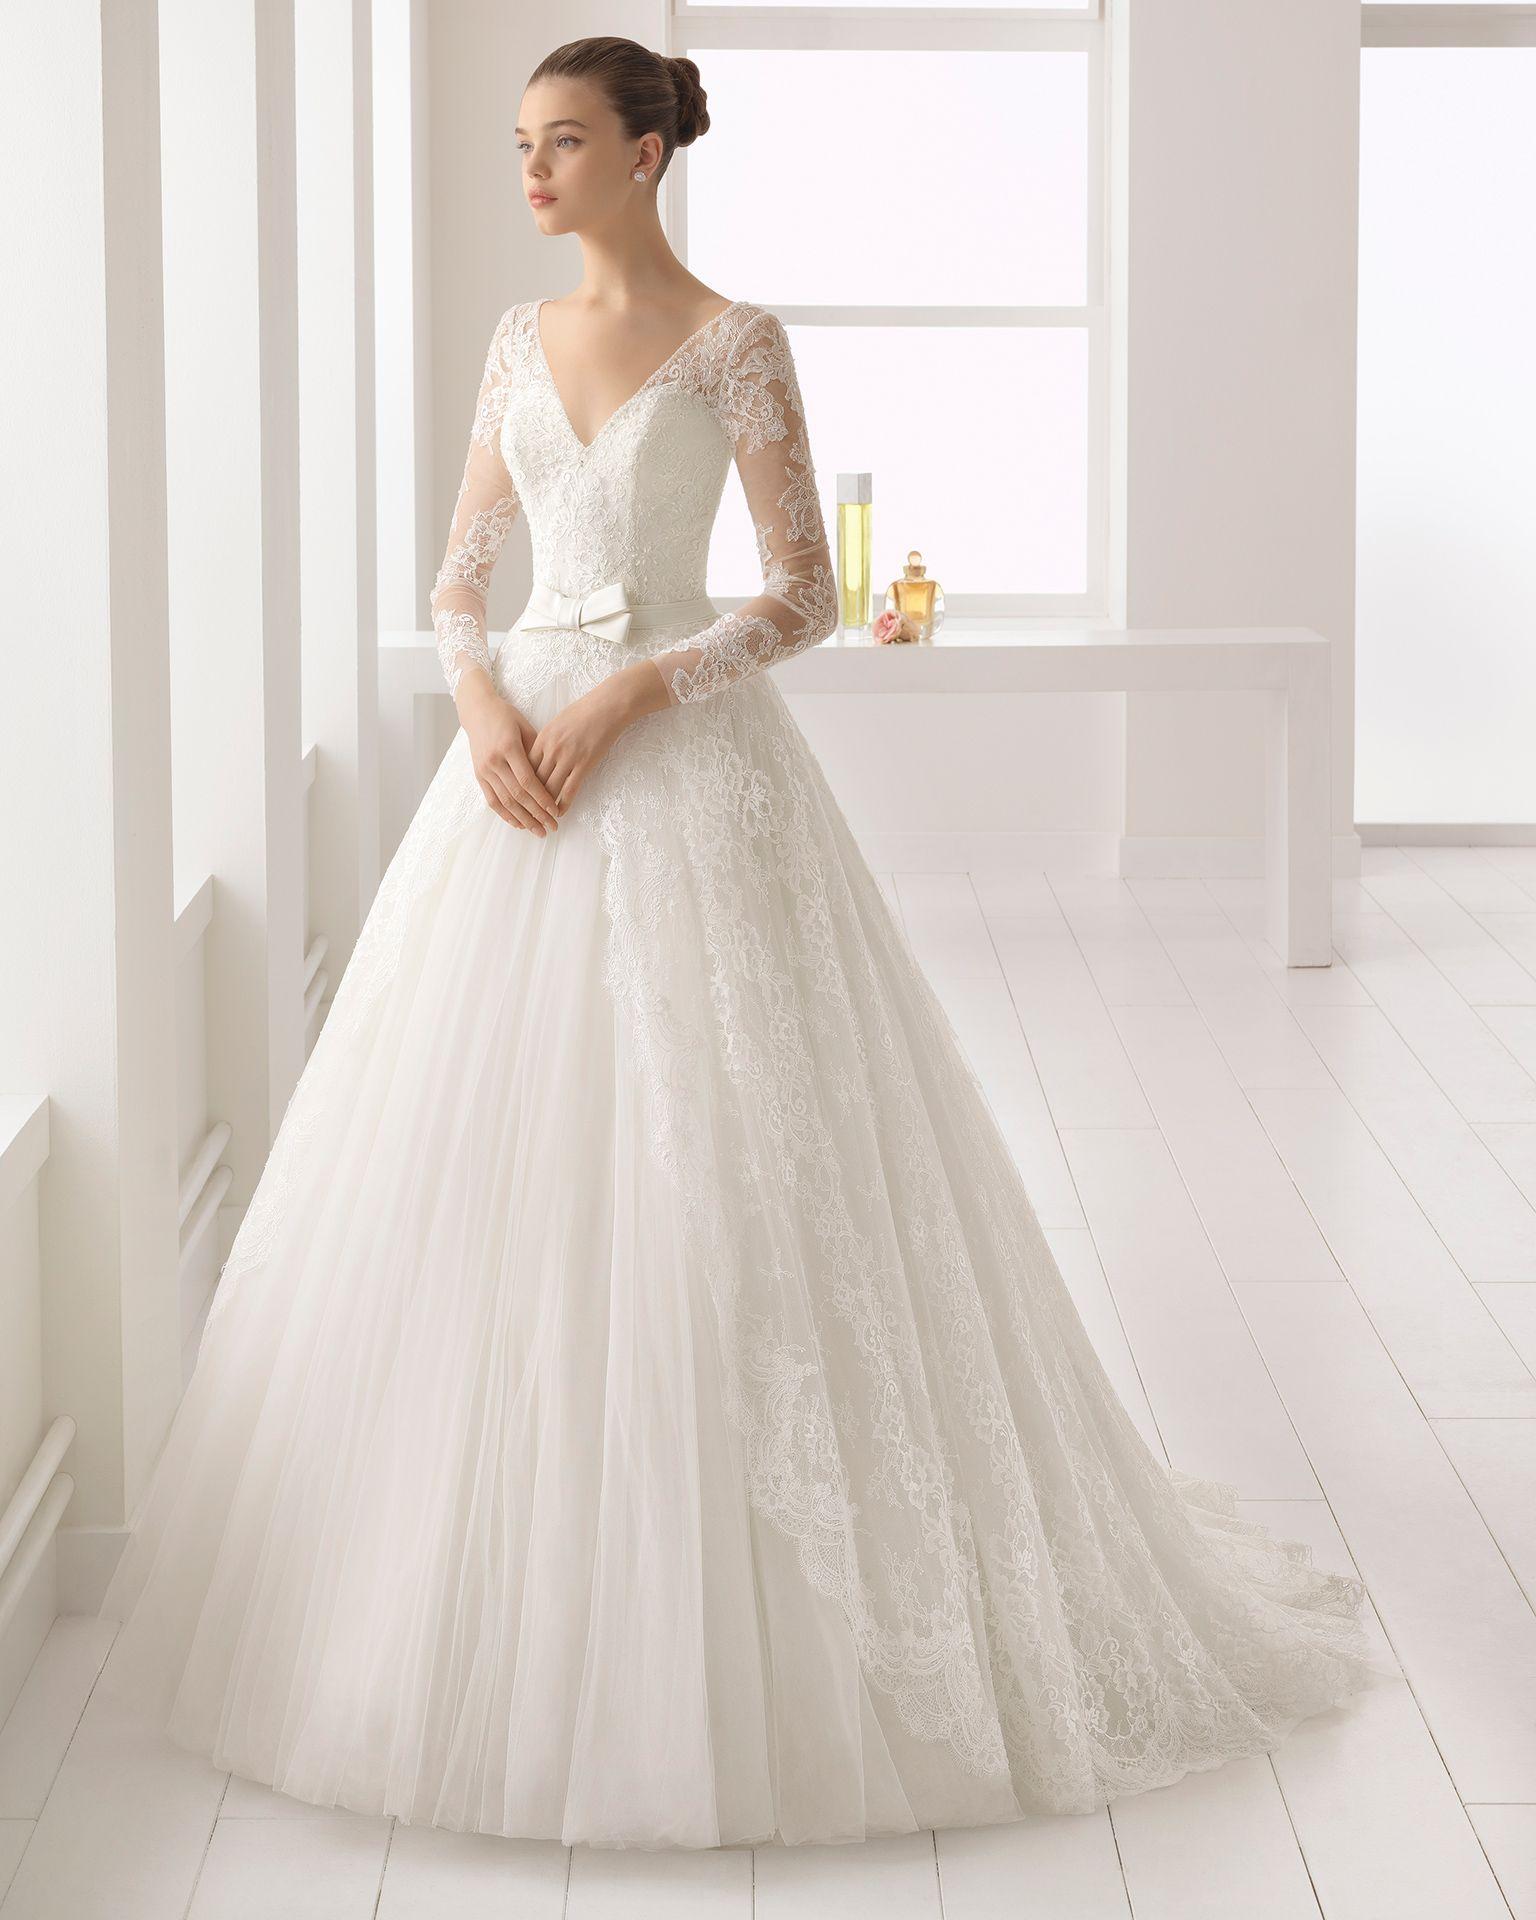 ab93e3314 Vestido de novia estilo romántico en tul